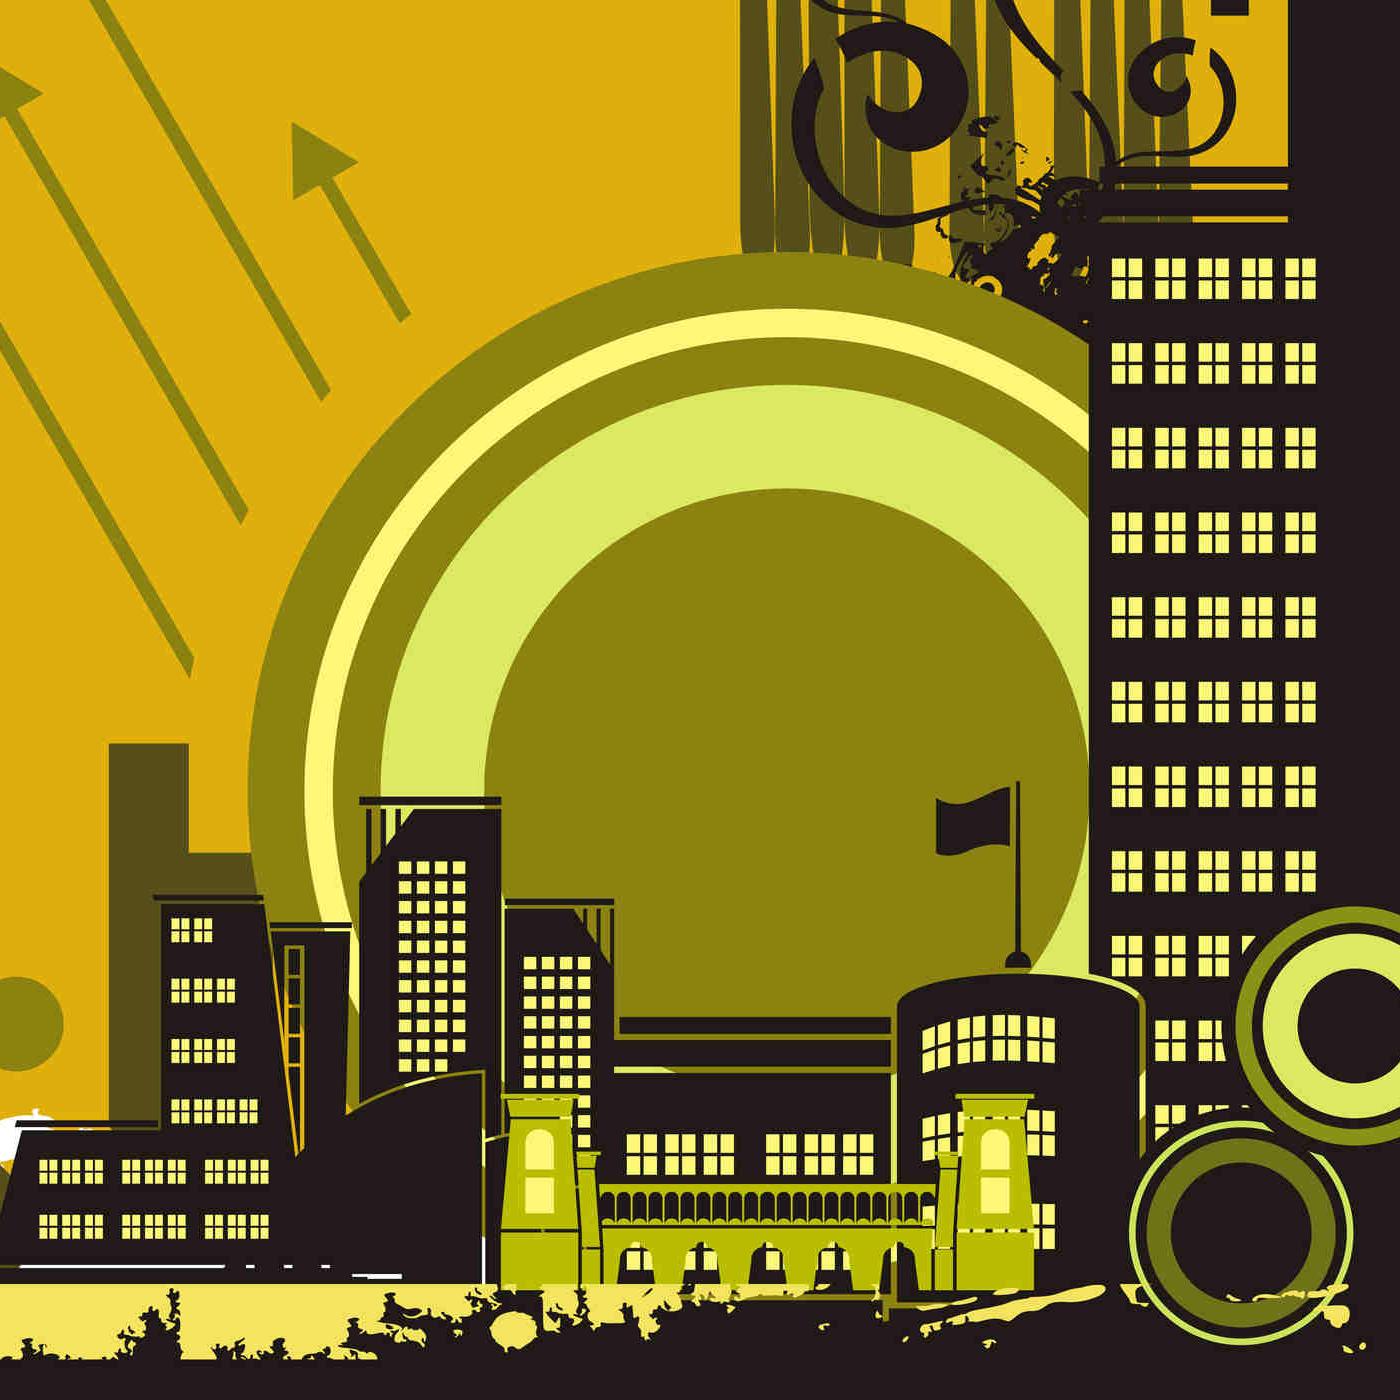 Urban Pop Hits on RadioTunes - RadioTunes | Enjoy amazing ...